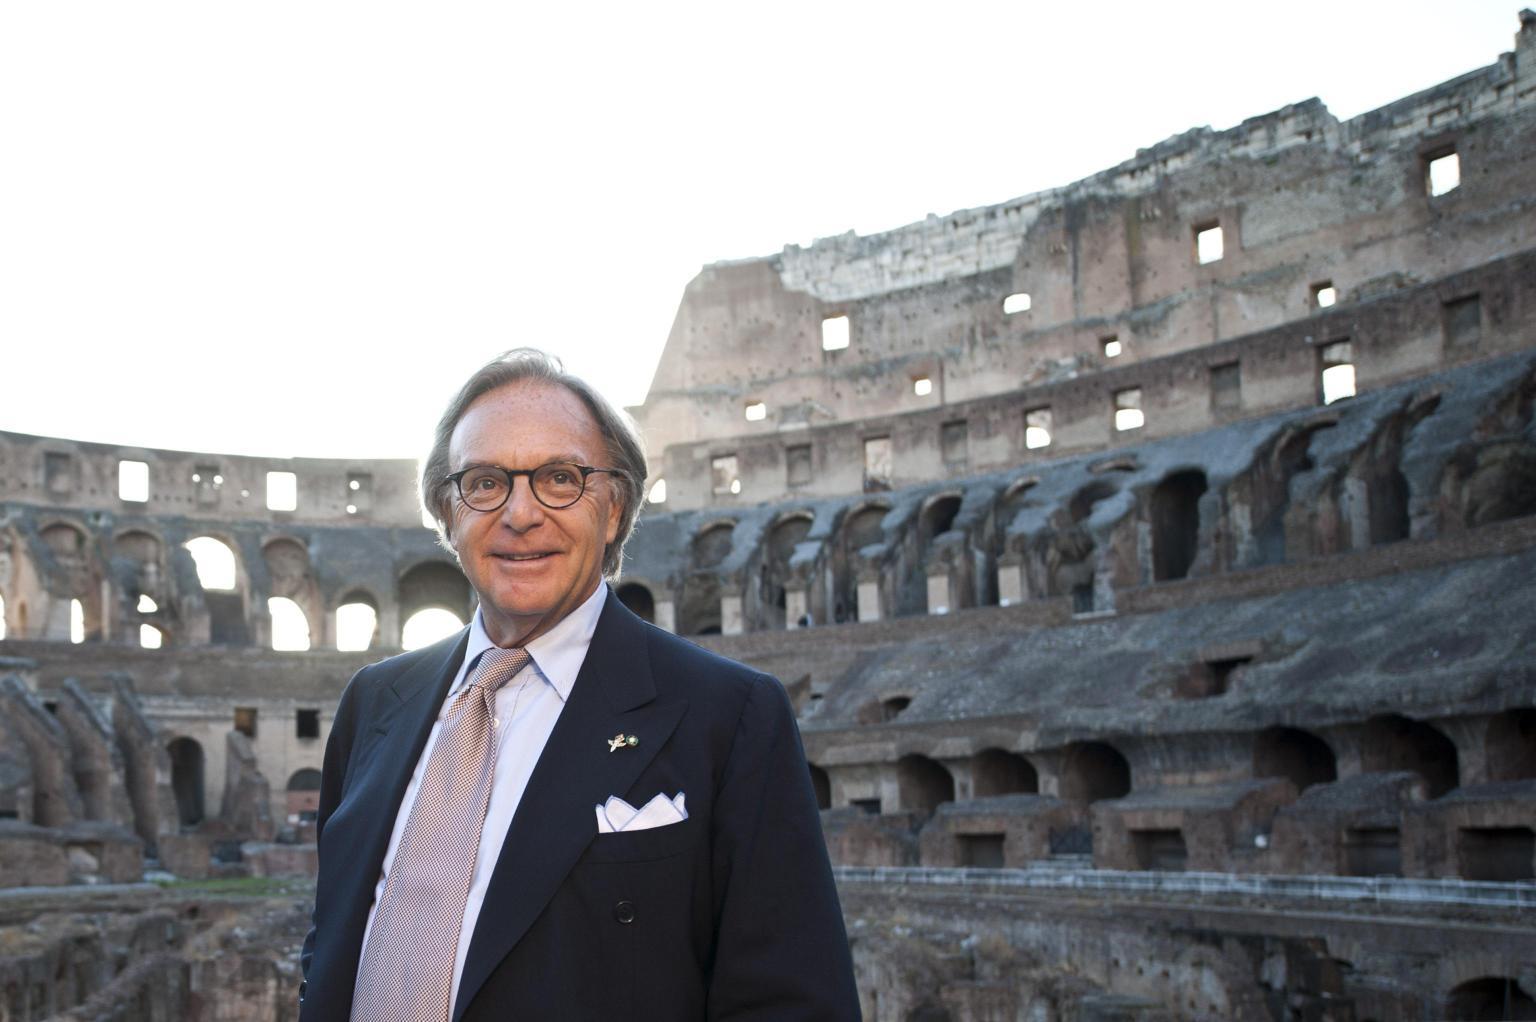 Restauro Colosseo: priva fase conclusa grazie a Tod's